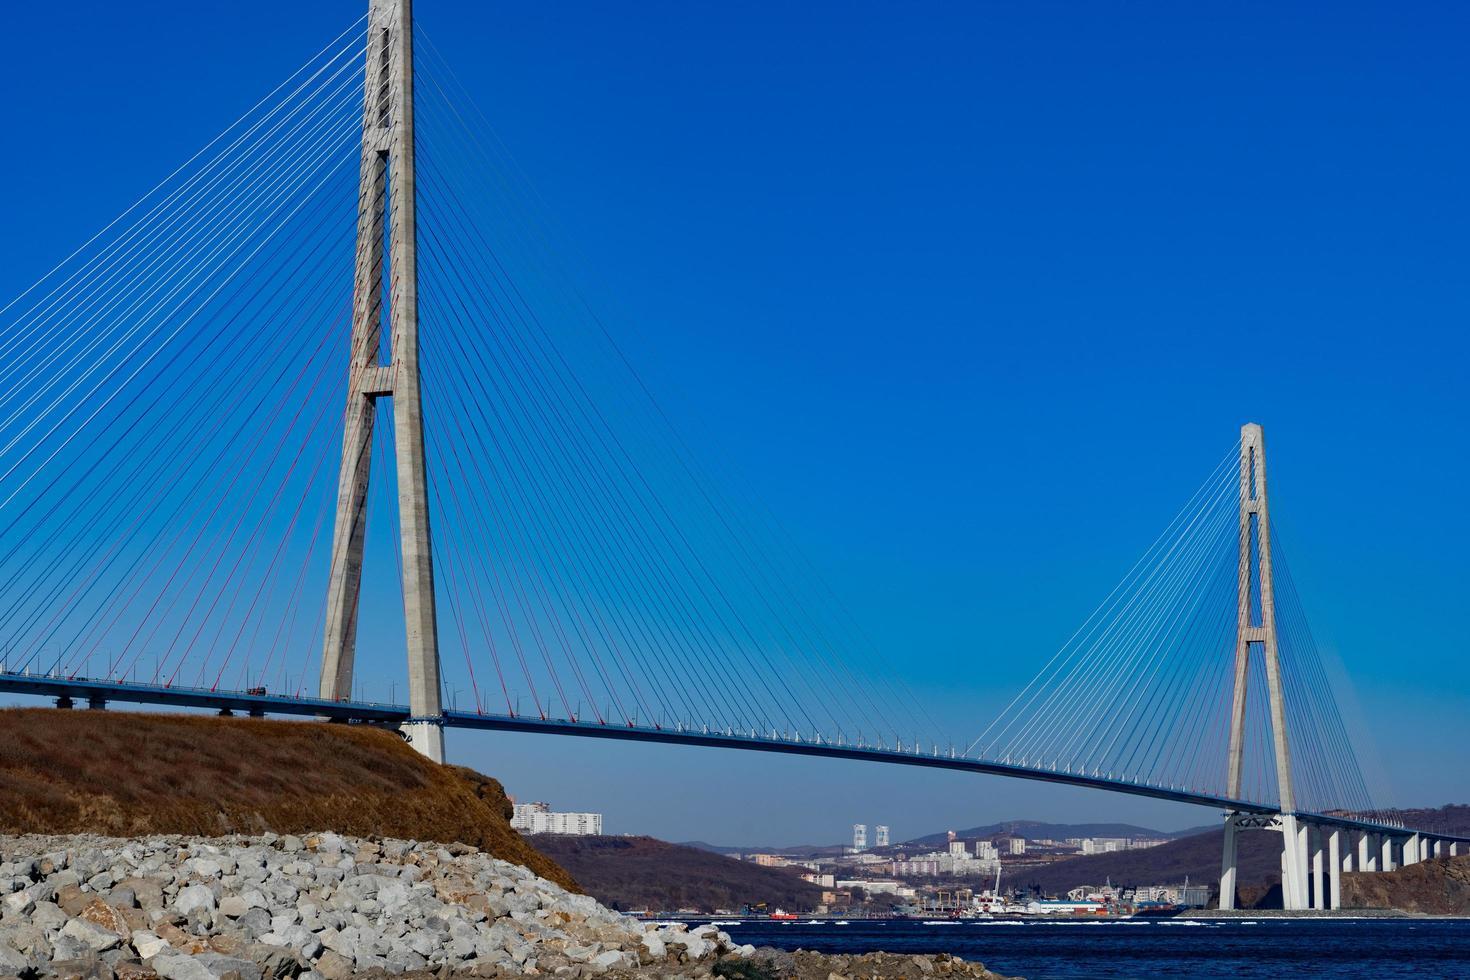 Puente Zolotoy con cielo azul claro en Vladivostok, Rusia foto